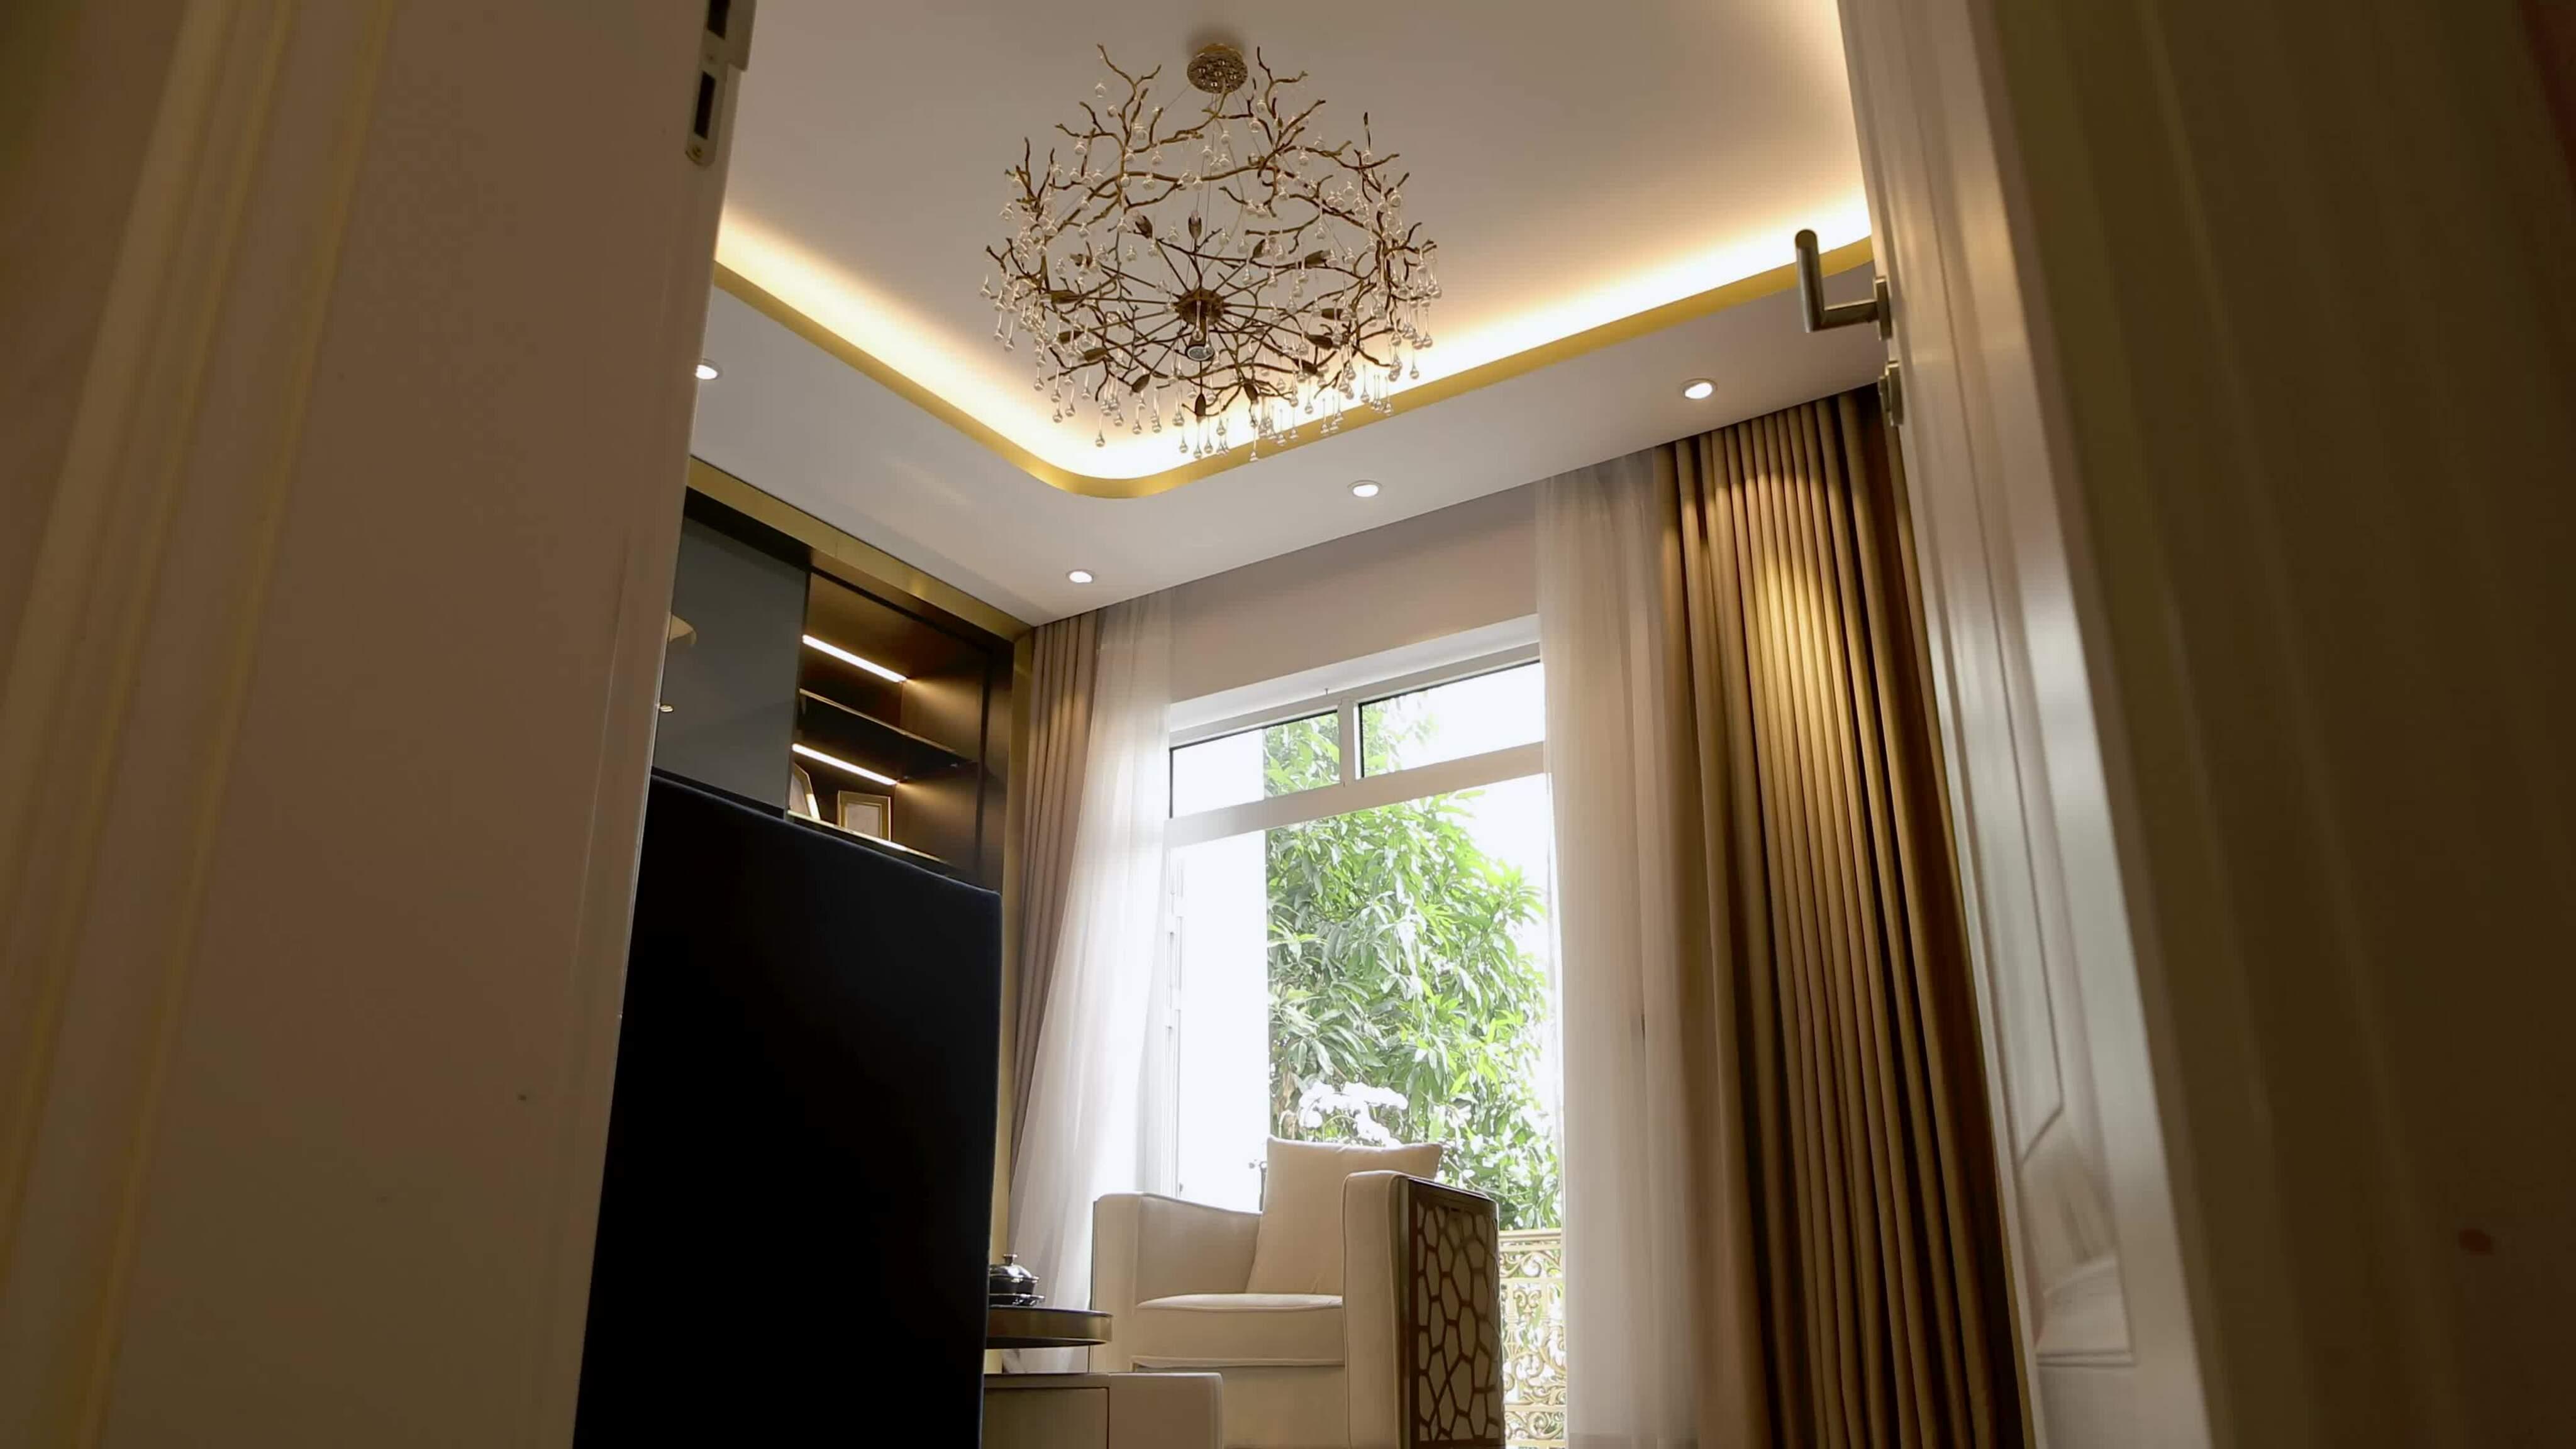 Nhà đón ánh sáng tự nhiên nhờ thang máy lồng kính